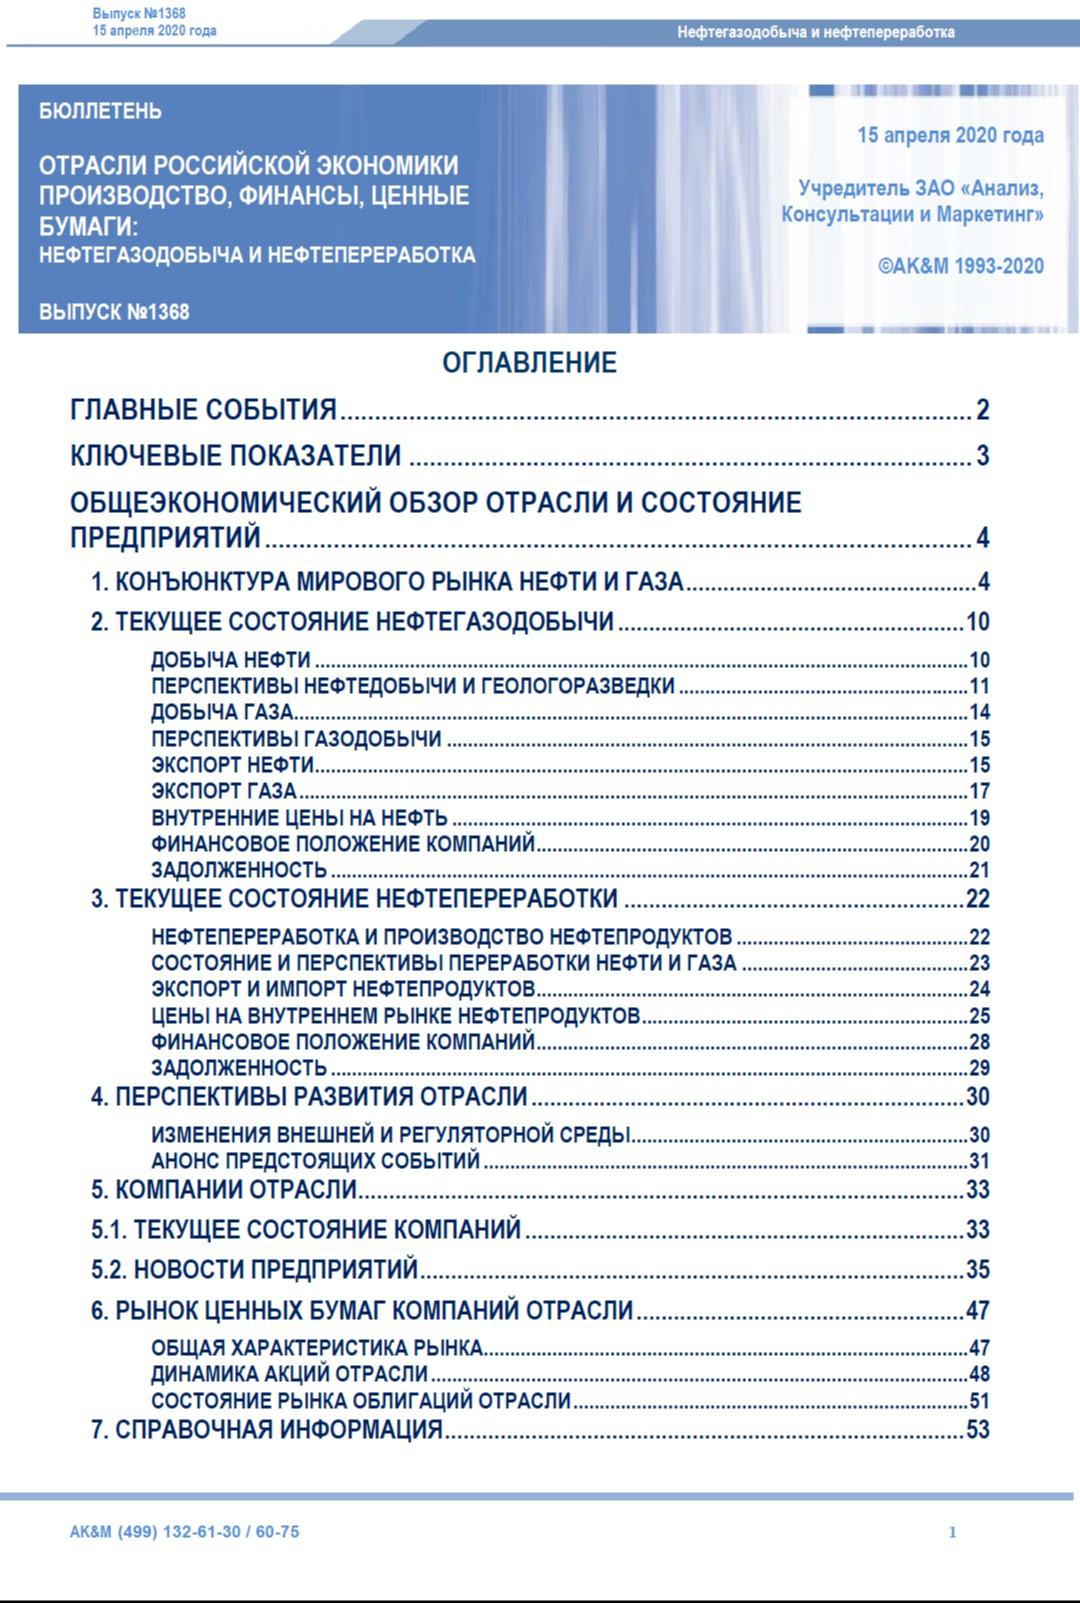 №1368 Нефтегазодобыча и нефтепереработка